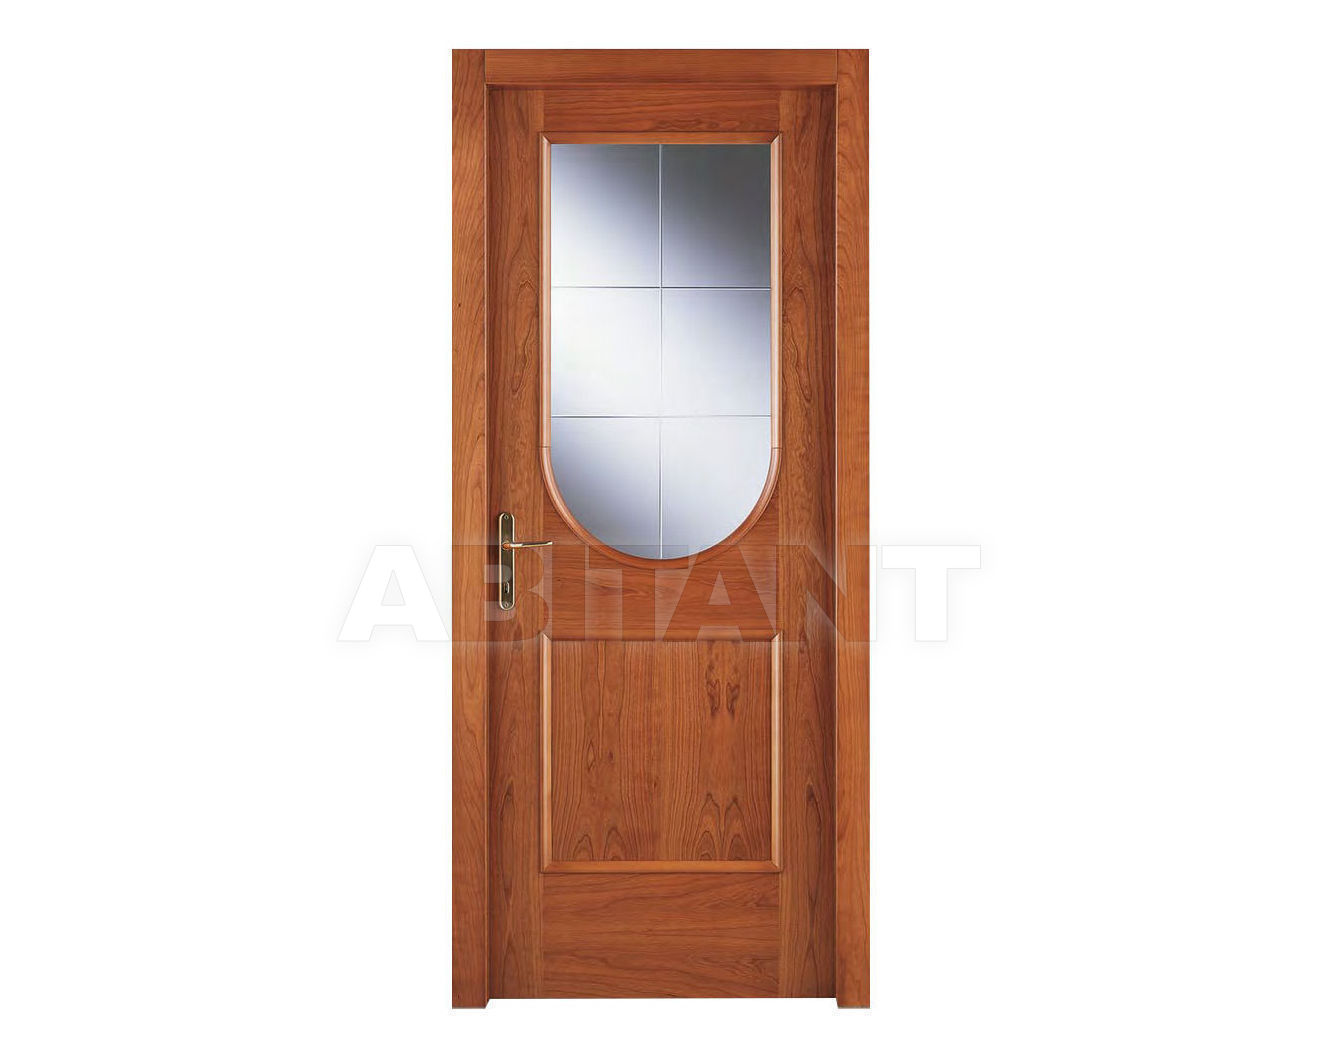 Купить Дверь деревянная Fioravazzi Classiche PERLA VETRO